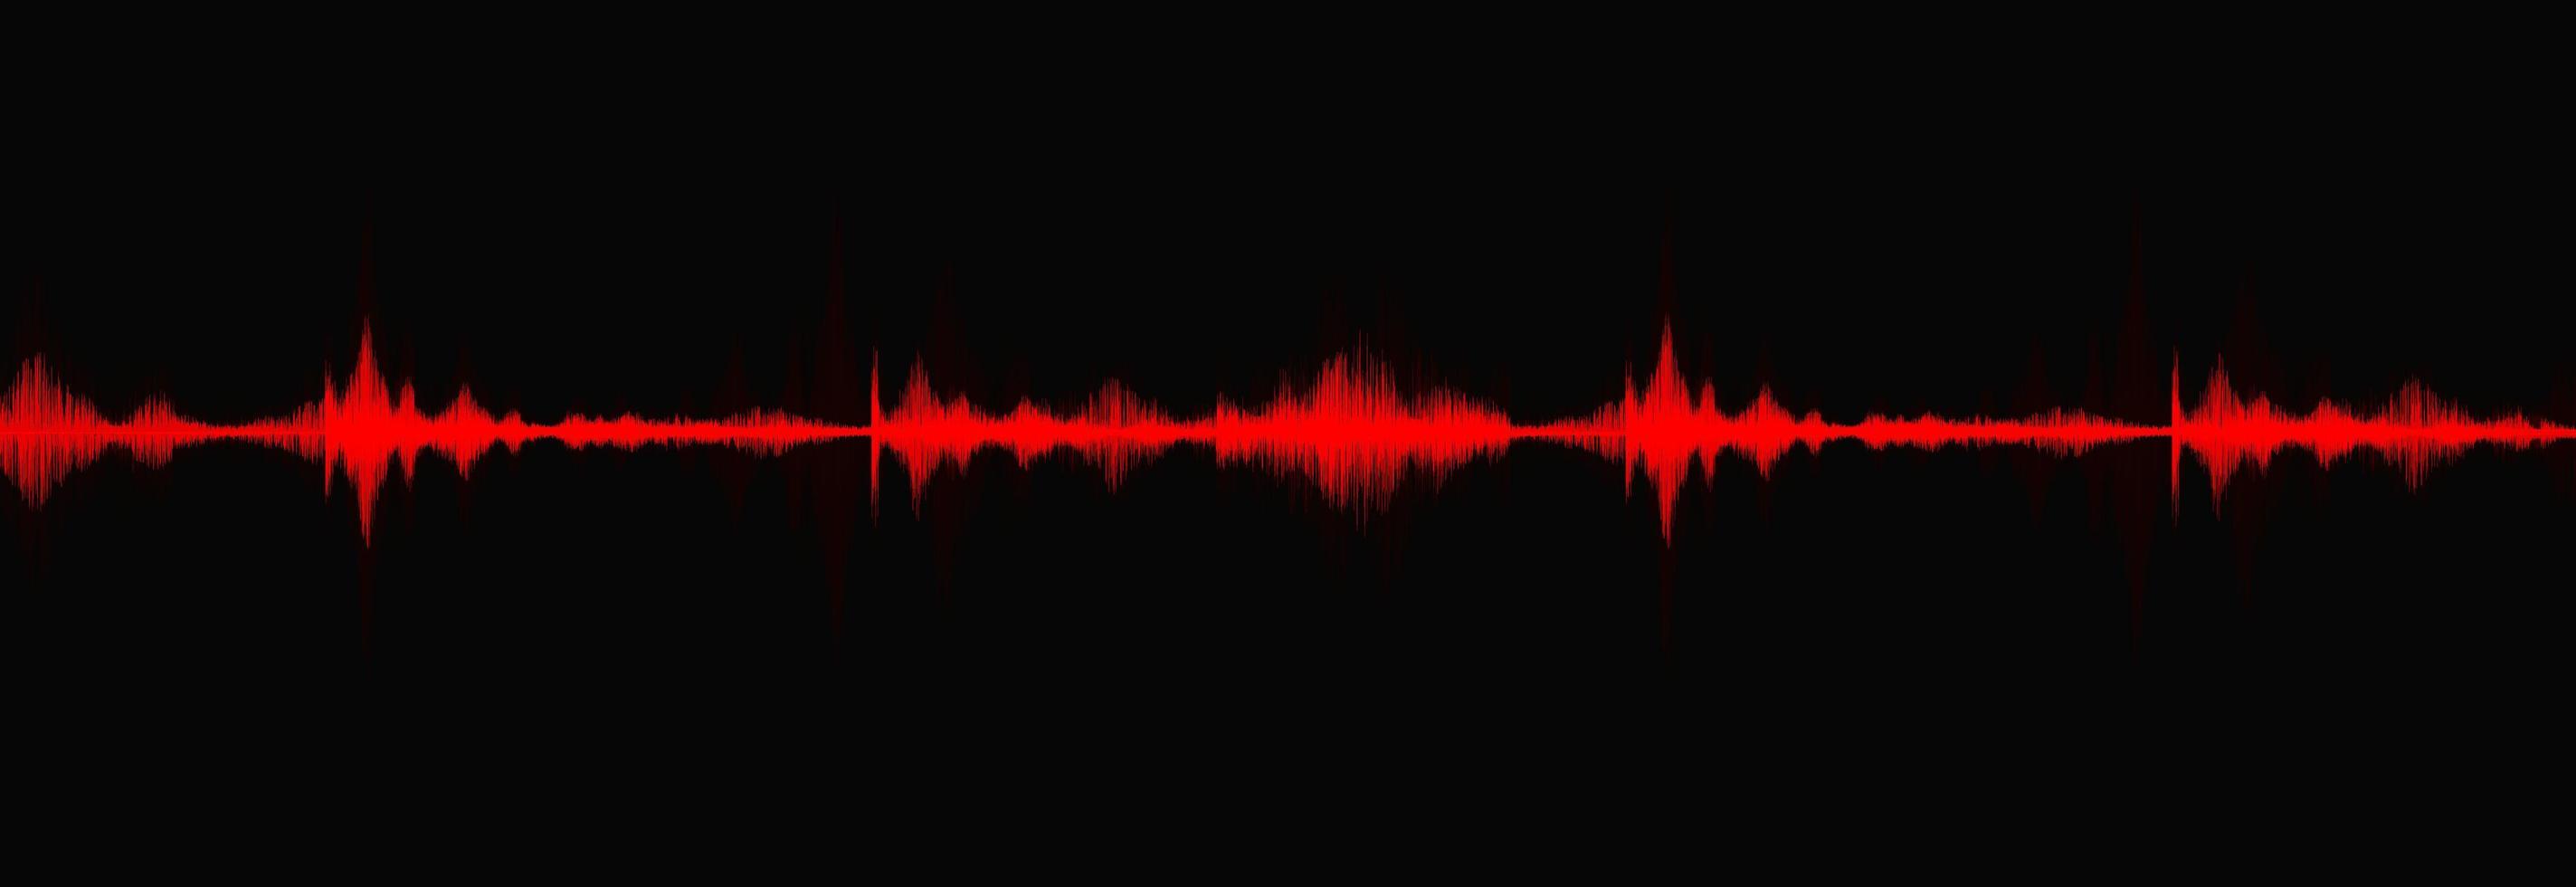 rosso sangue onda sonora digitale scala richter bassa e alta su sfondo nero, diagramma delle onde di tecnologia e terremoto e concetto di cuore in movimento, design per studio musicale e scienza, illustrazione vettoriale. vettore